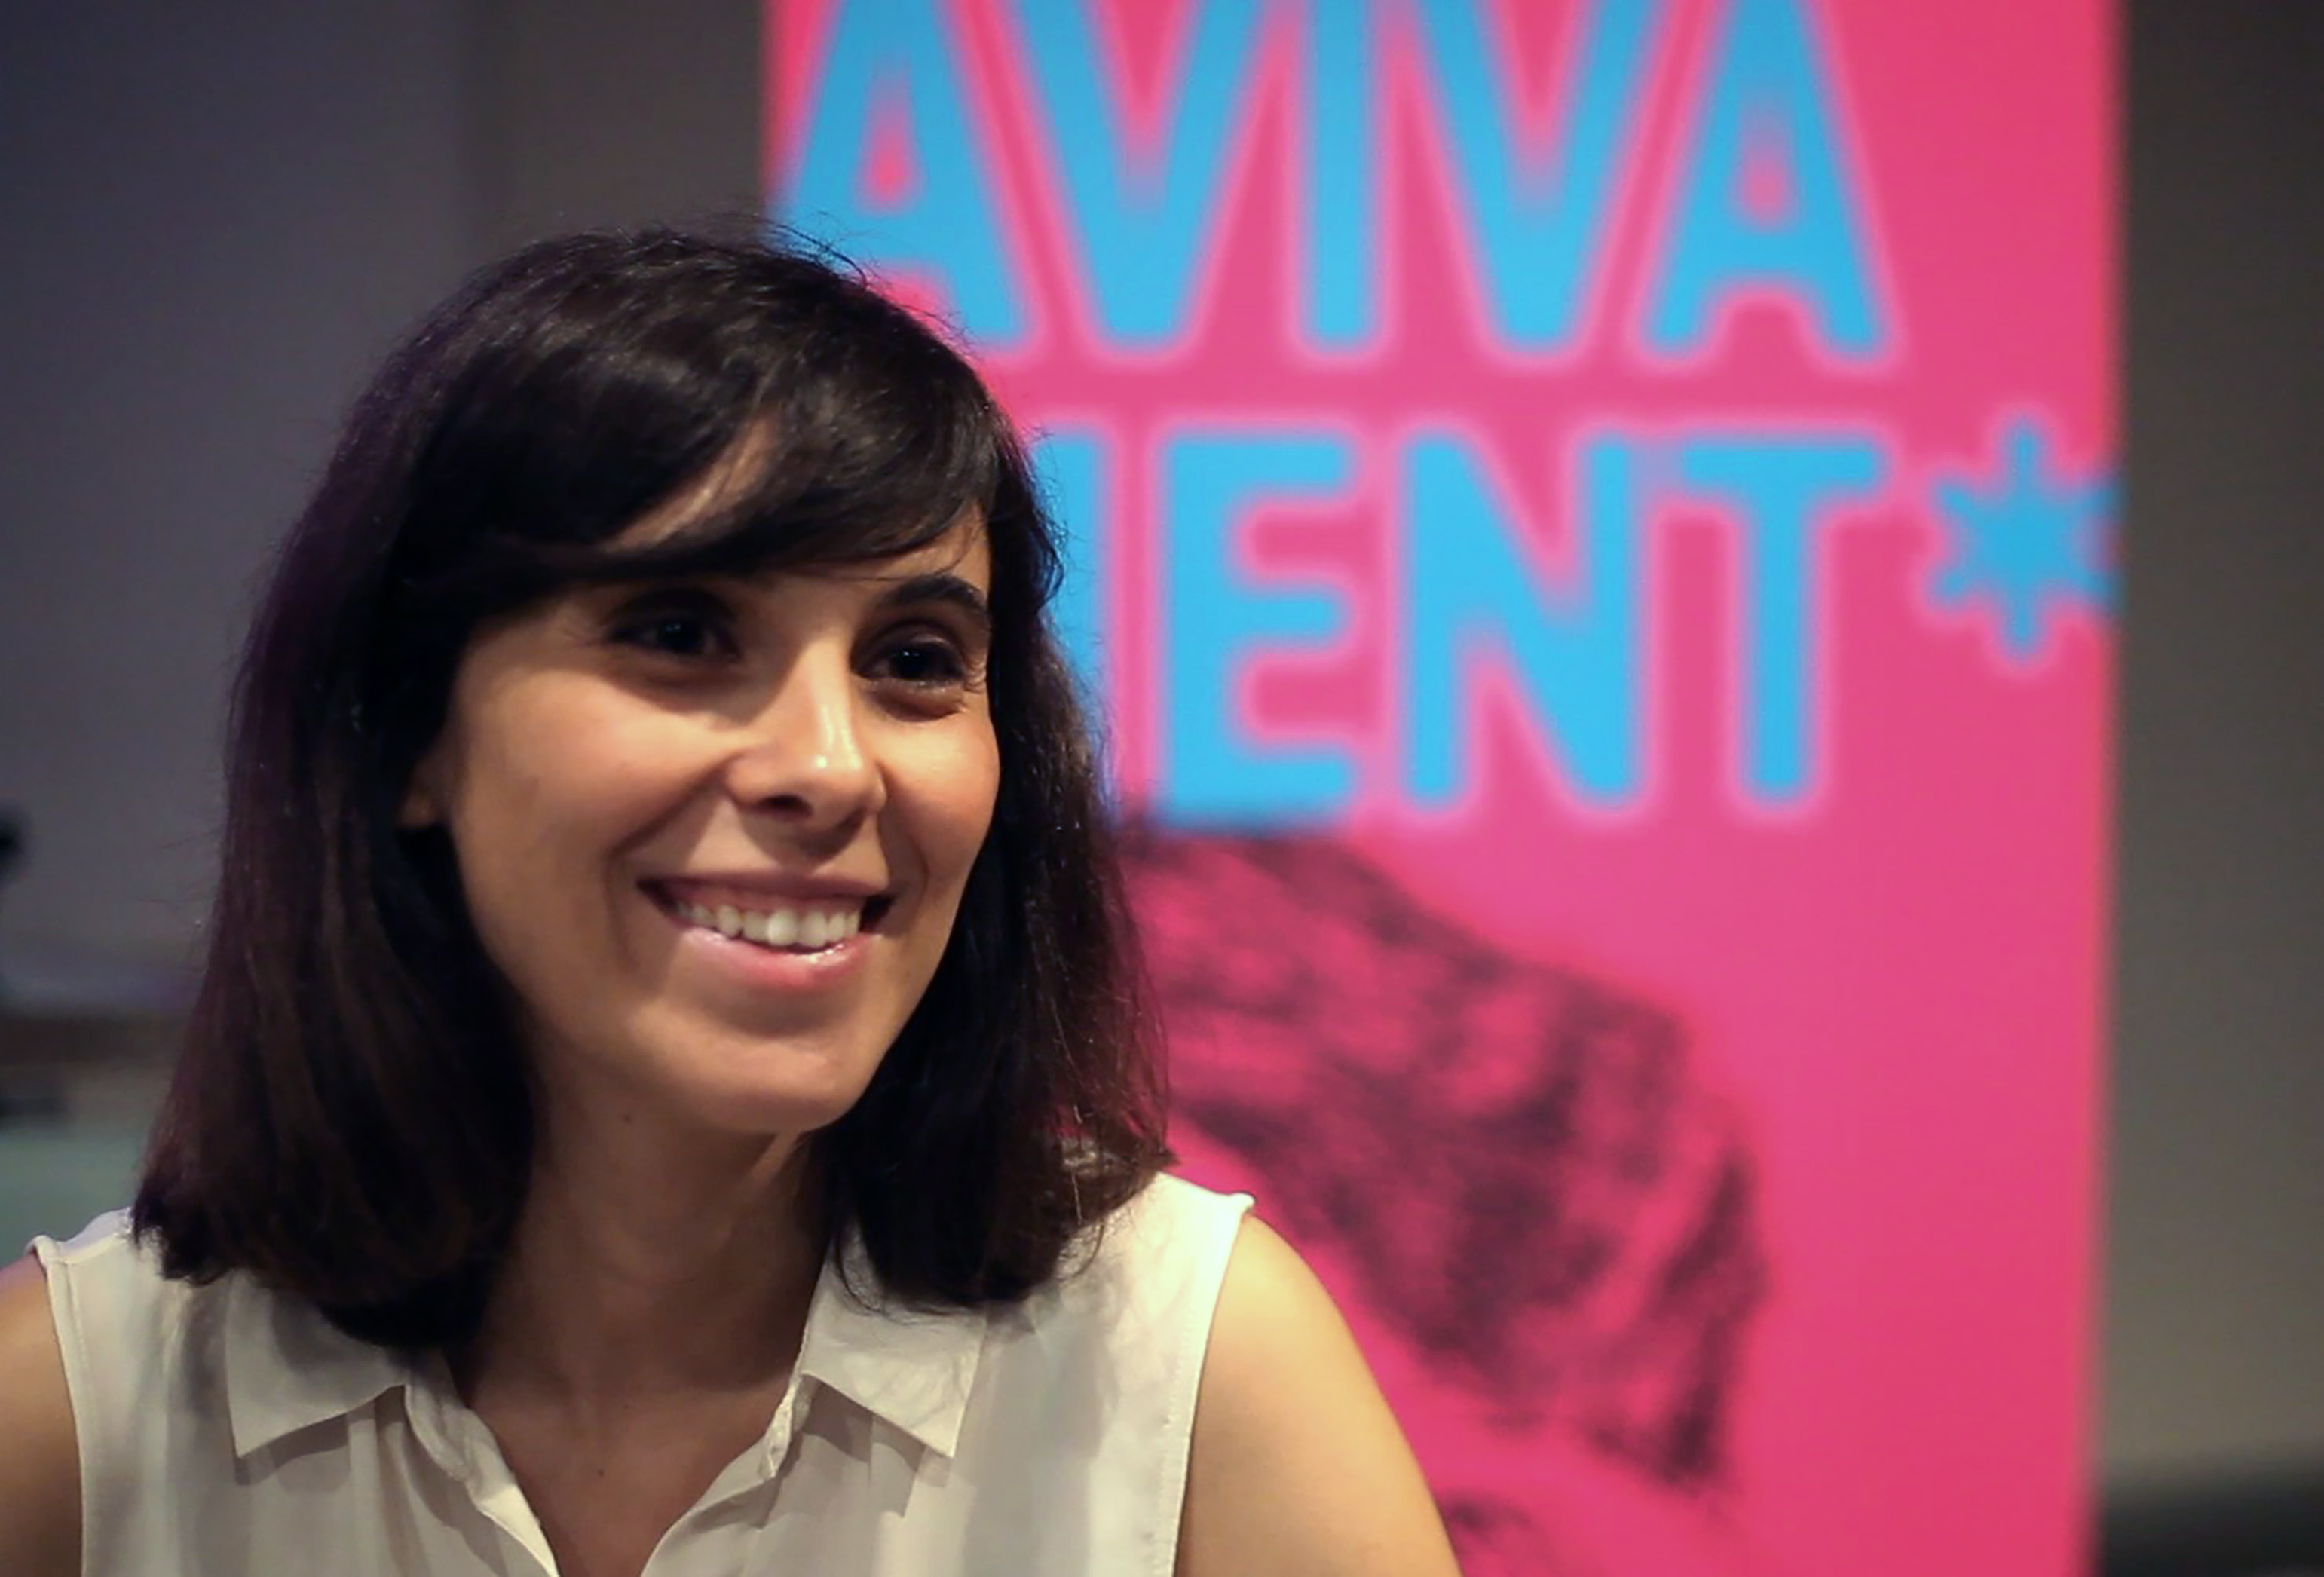 Fotos Cápsulas audiovisuales sobre pensamiento de Marta Negre | MuVIM, 7 junio 2018 #Avivament2018